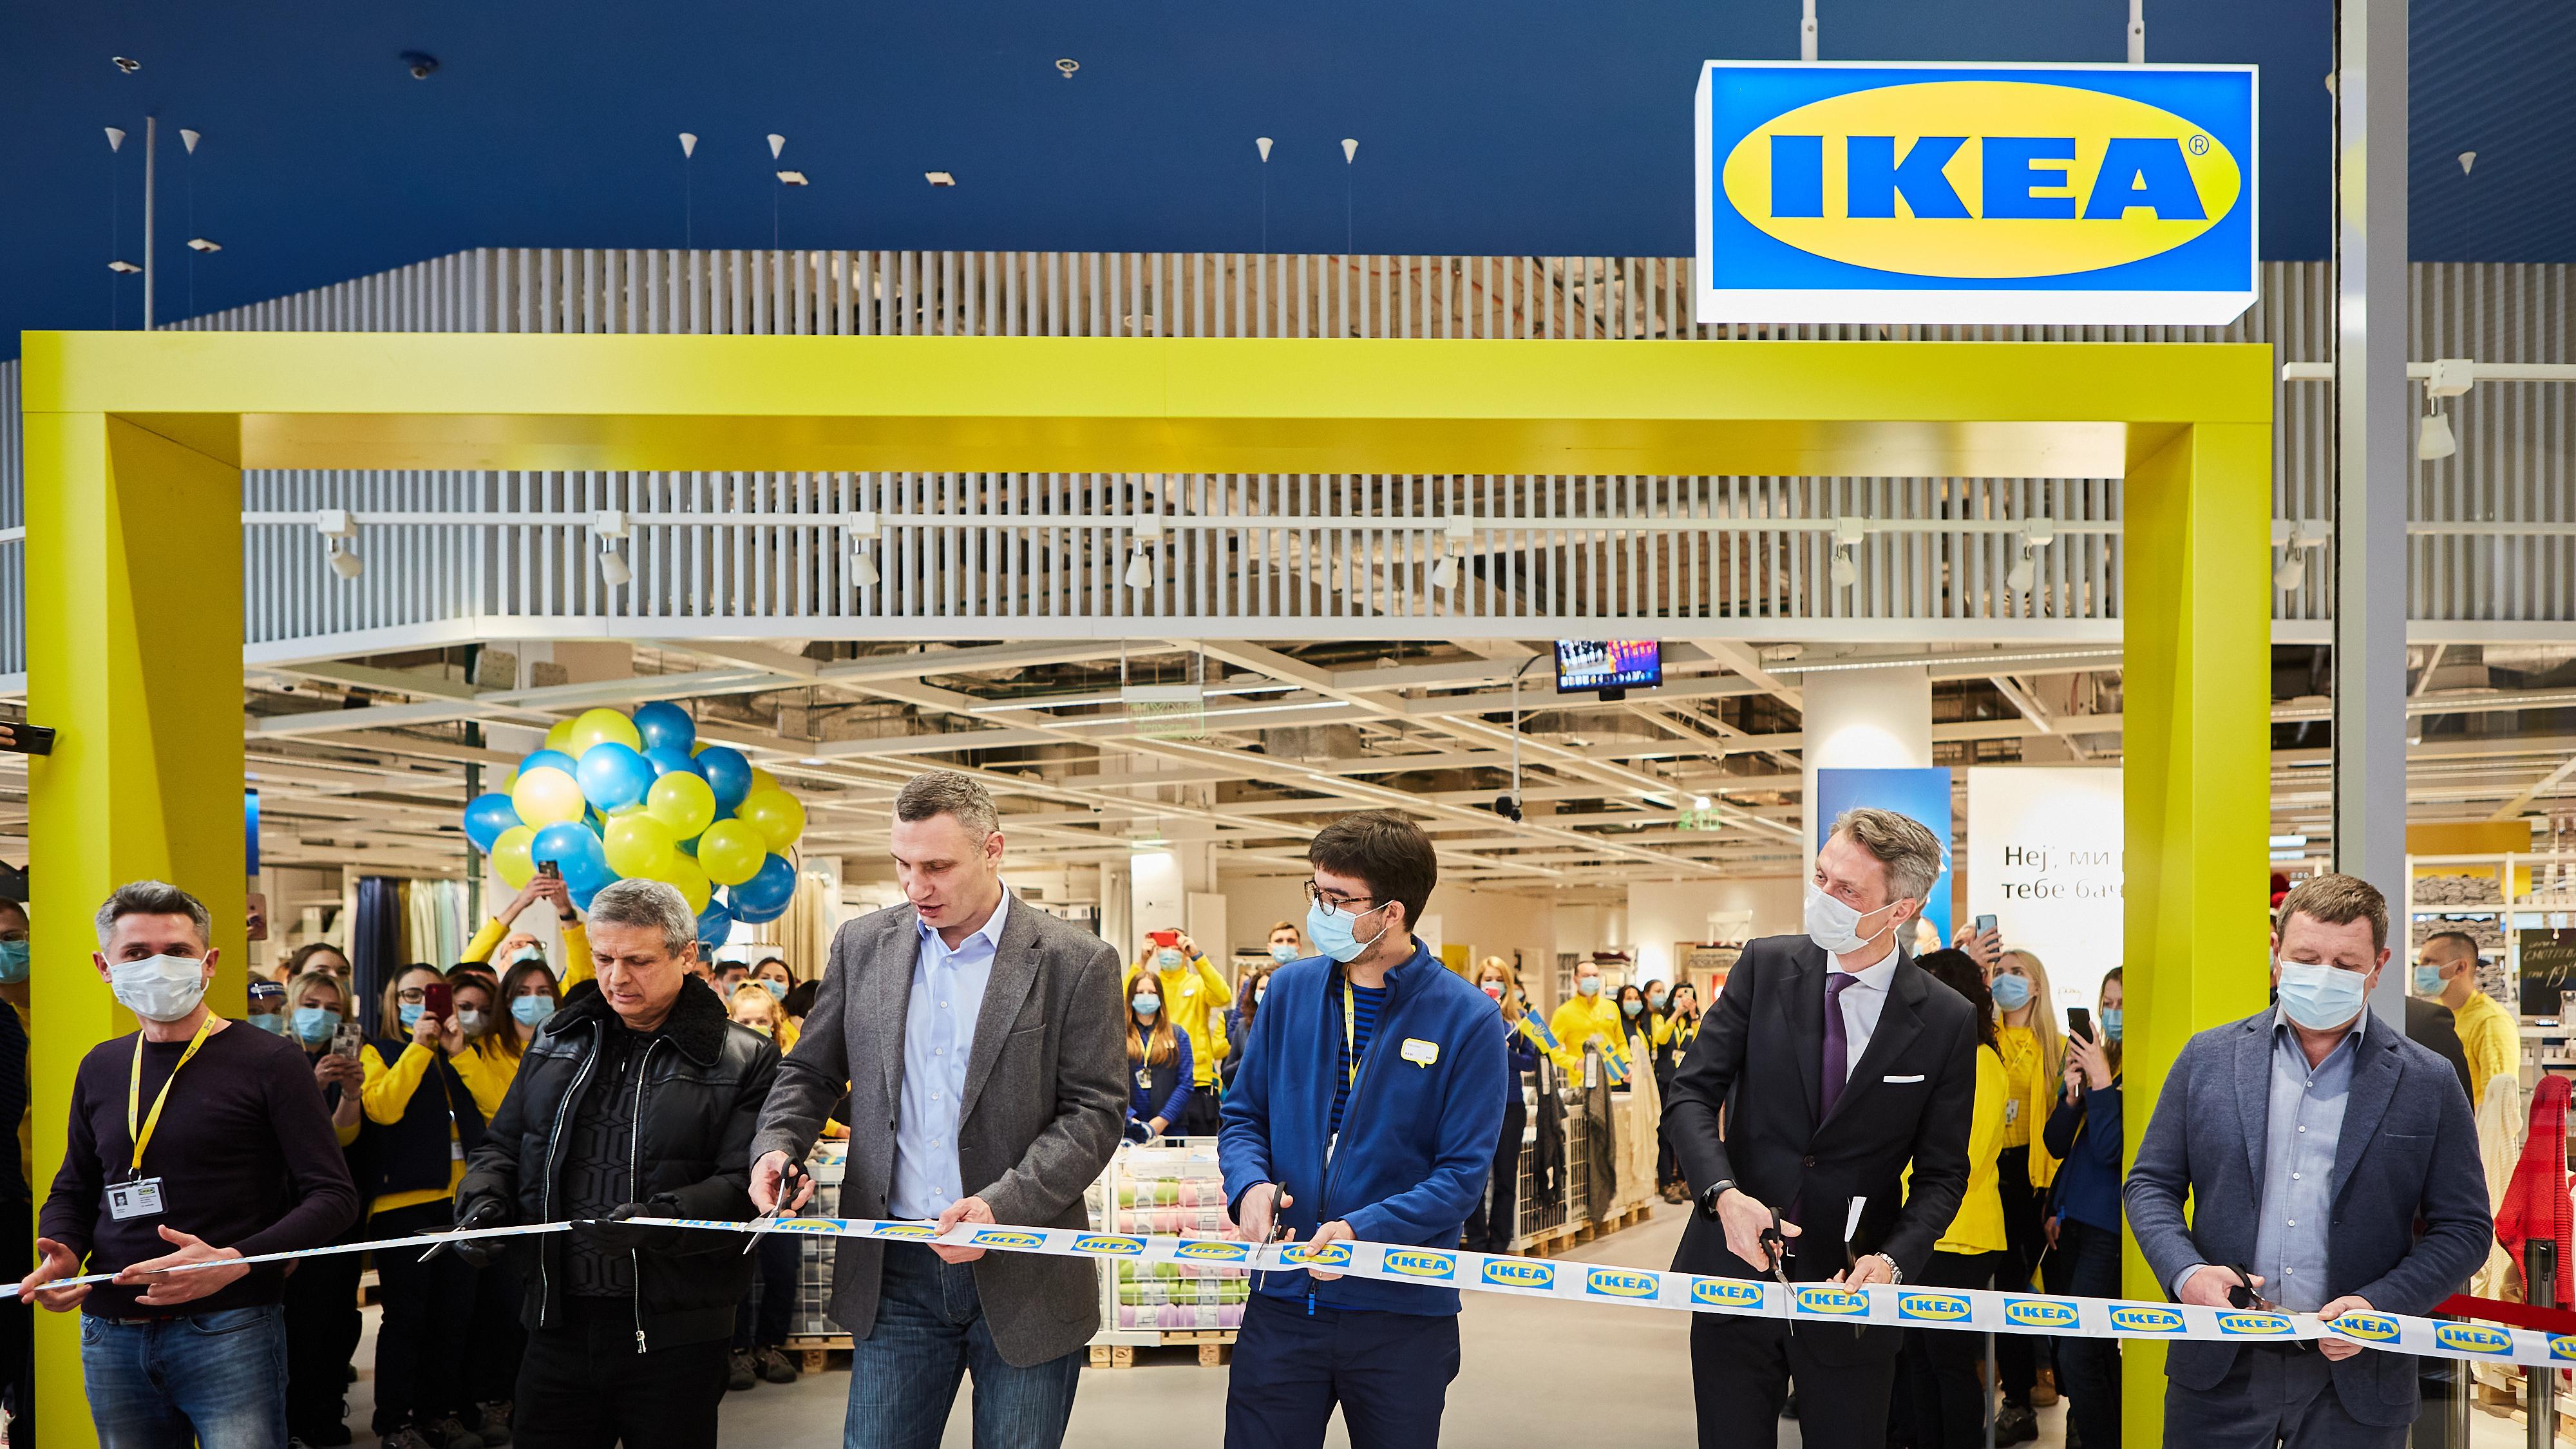 Открытие IKEA в ТРЦ Blockbuster Mall,фото: пресс-служба IKEA